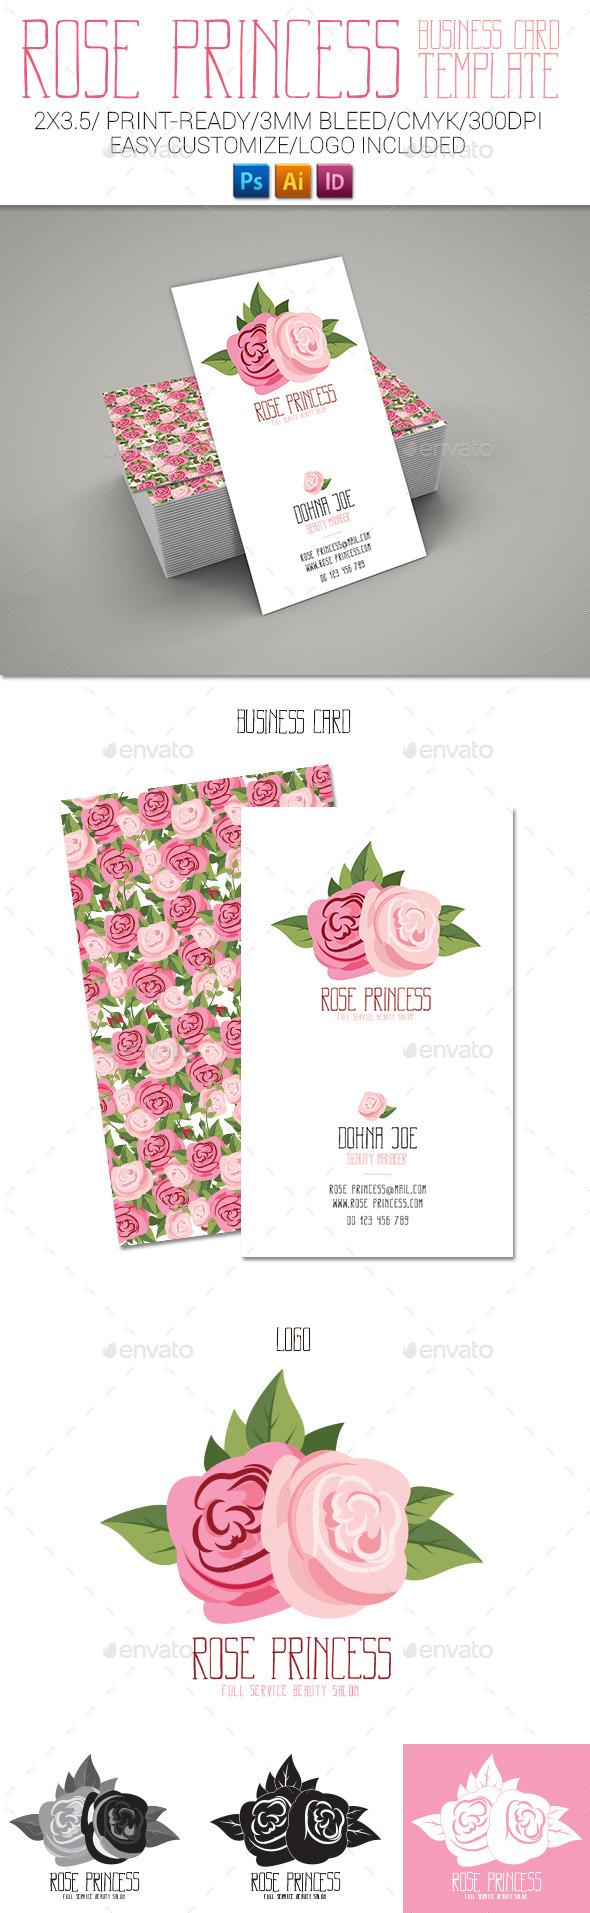 Rose Princess Business Card - Business Cards Print Templates